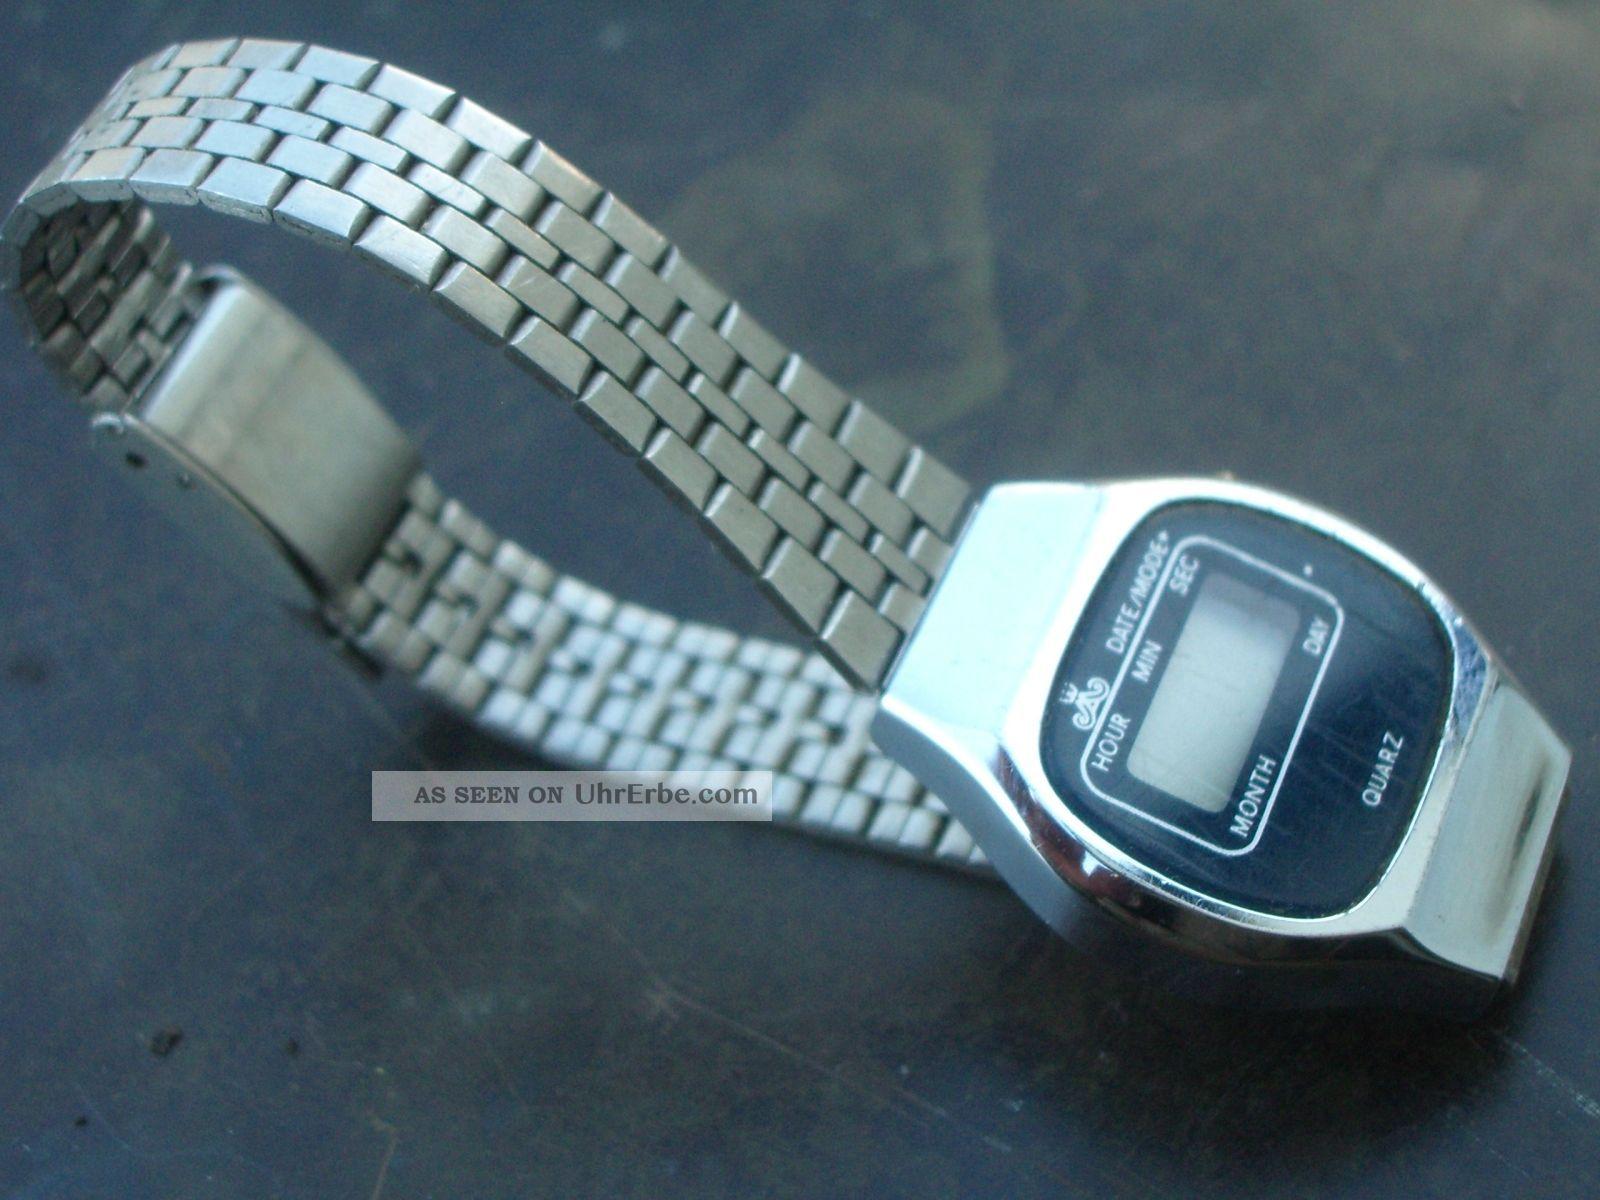 Meister Anker Damen Quartz Uhr Kultiges Teil /nicht Auf Funktion Geprüft Armbanduhren Bild